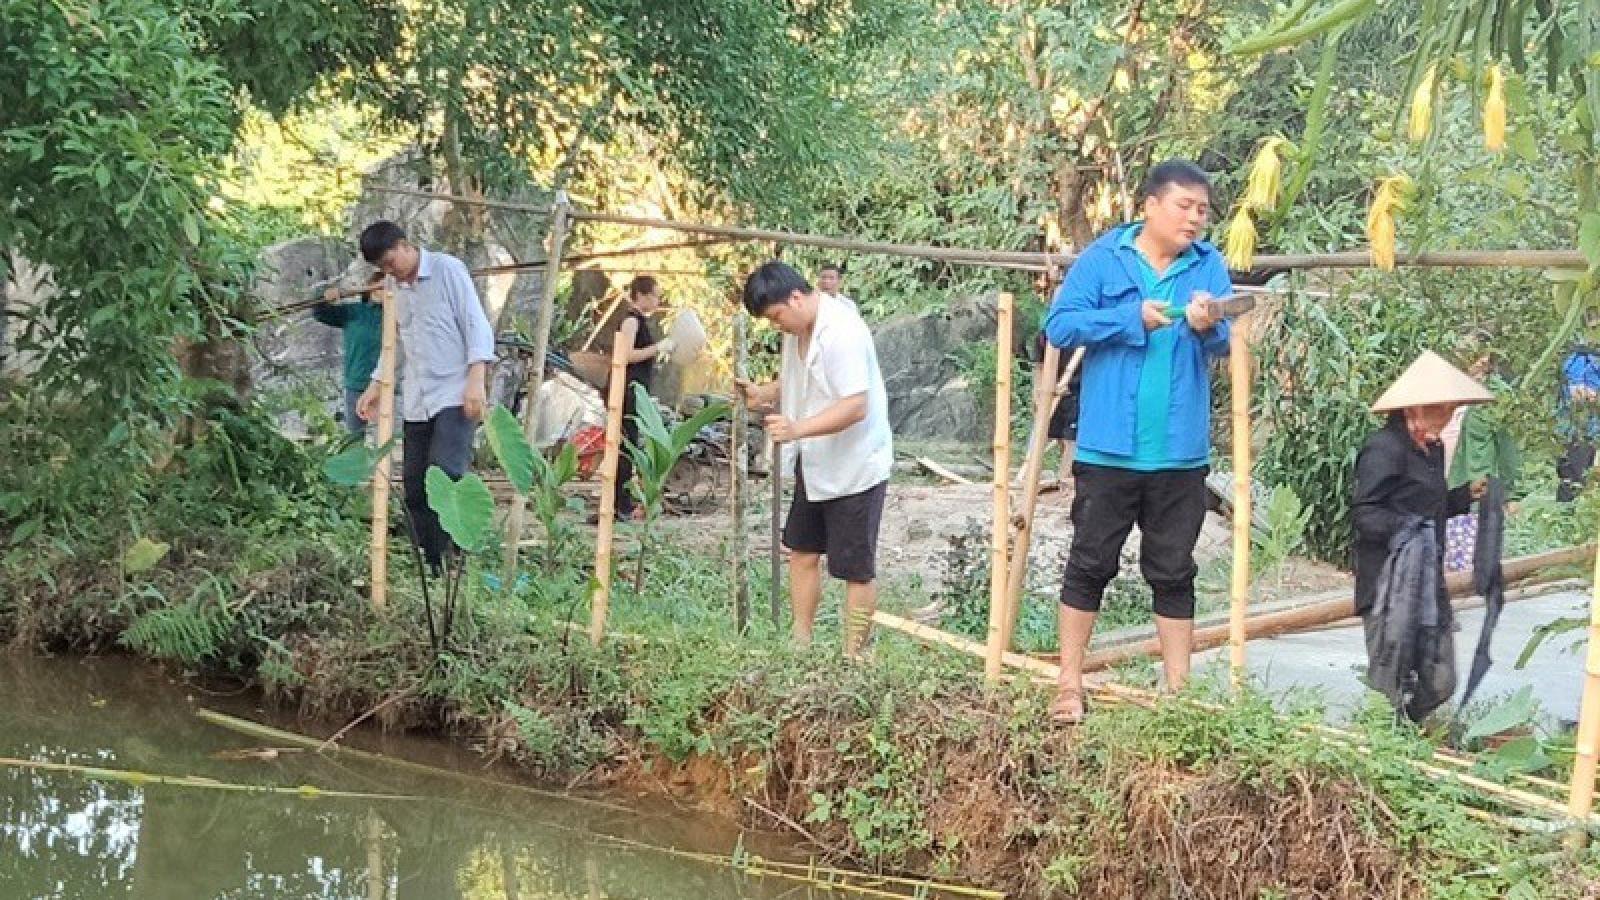 Rà soát lại toàn bộ hệ thống ao, hồ có nguy cơ xảy ra đuối nước